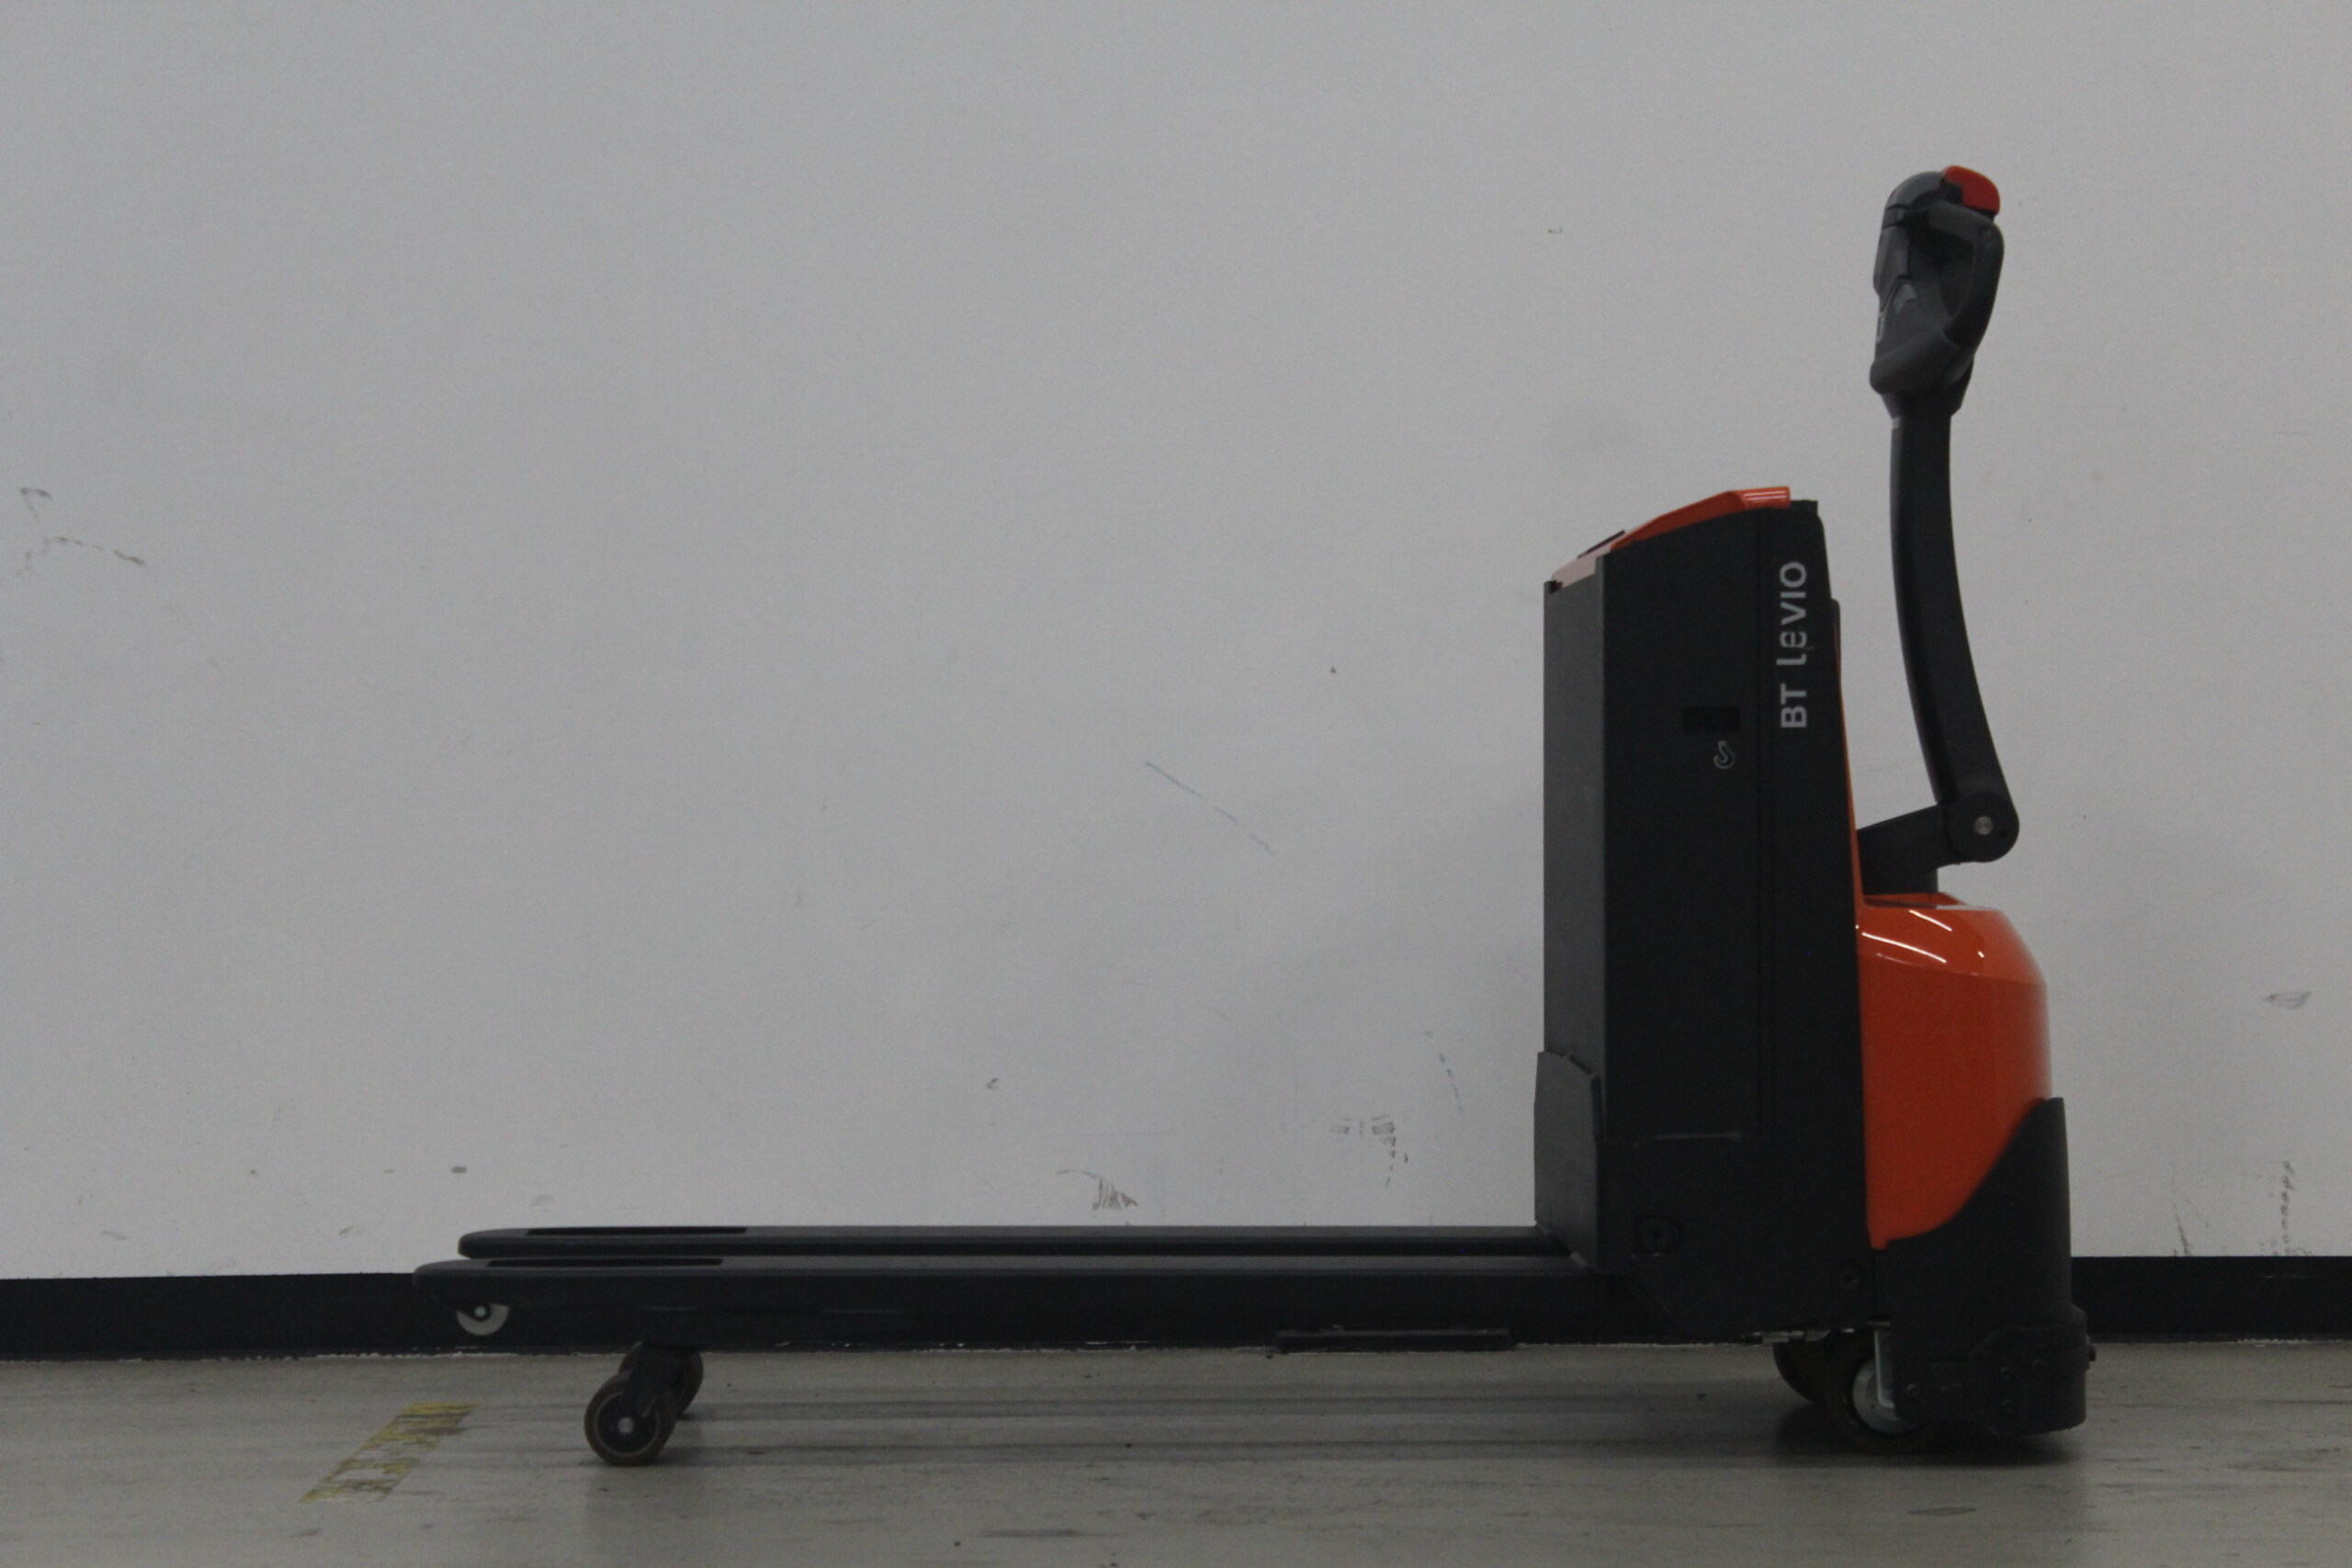 Toyota-Gabelstapler-59840 1806014029 1 2 scaled